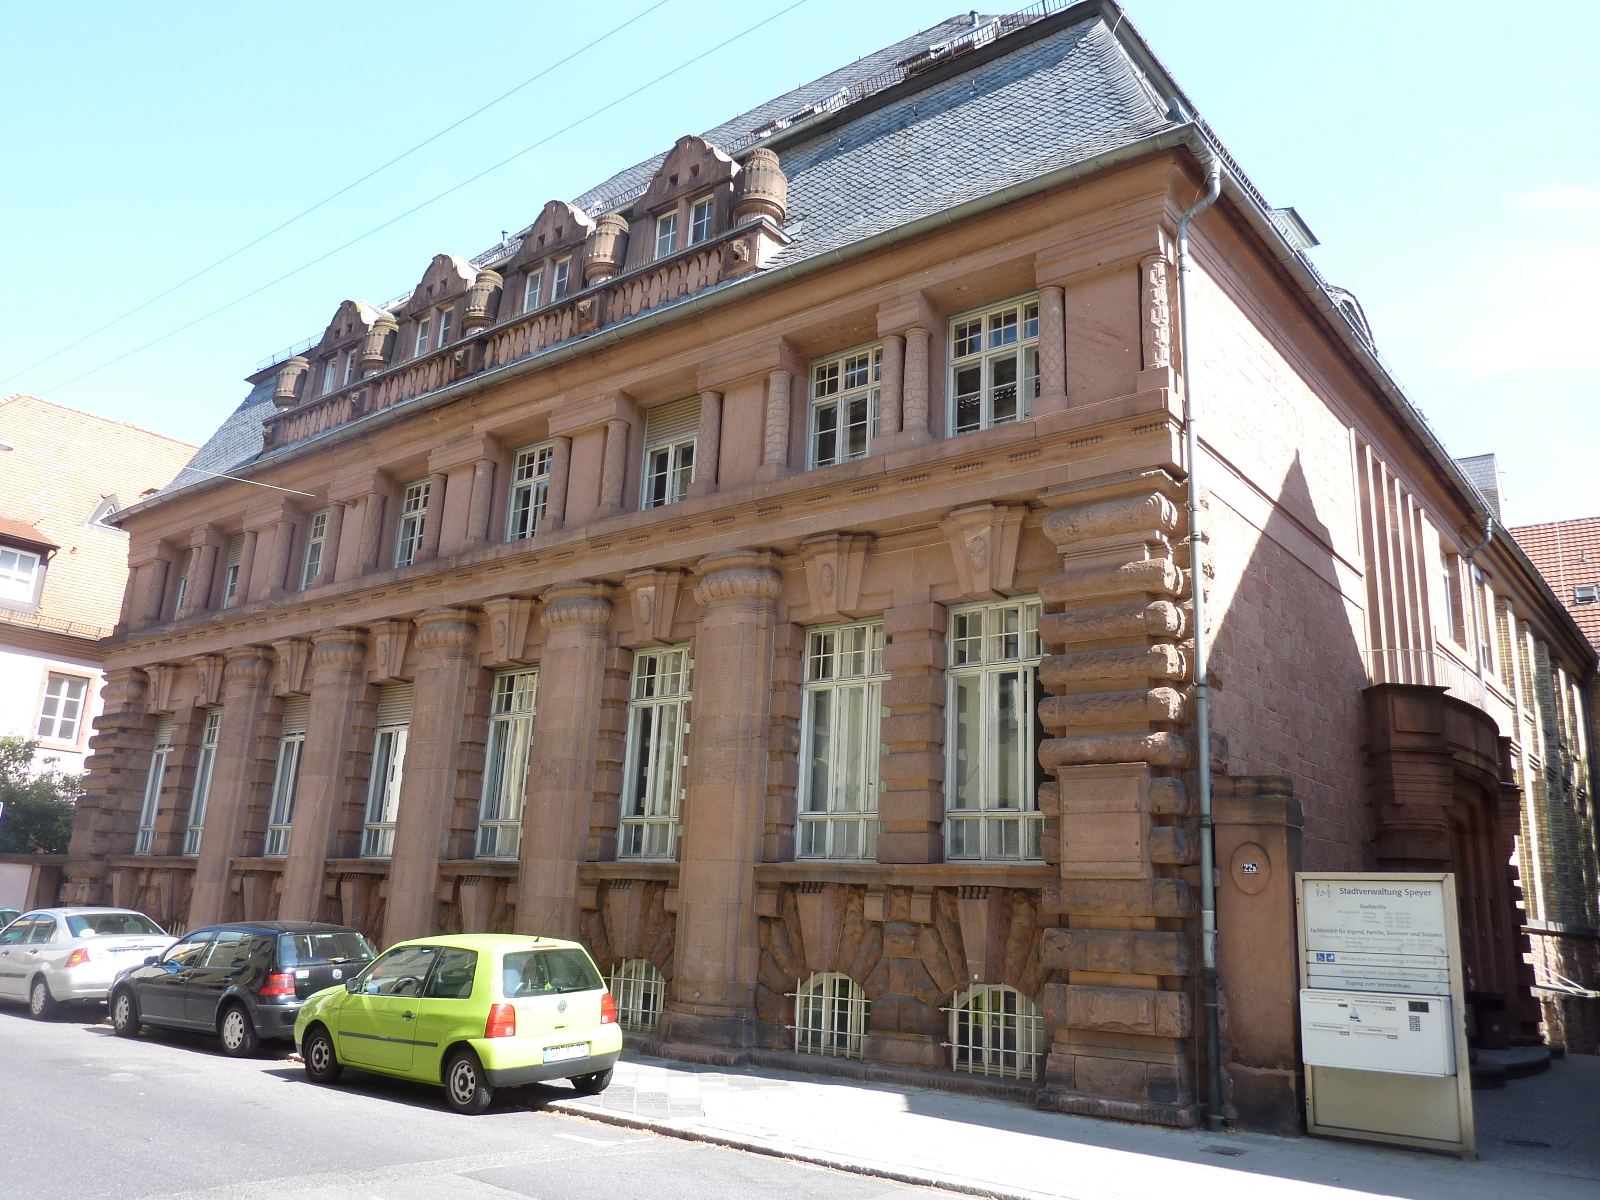 """Das virtuelle Gedenkbuch """"Erinnern in Speyer 1933-1945 ist ein Online-Projekt des Stadtarchivs Speyer"""